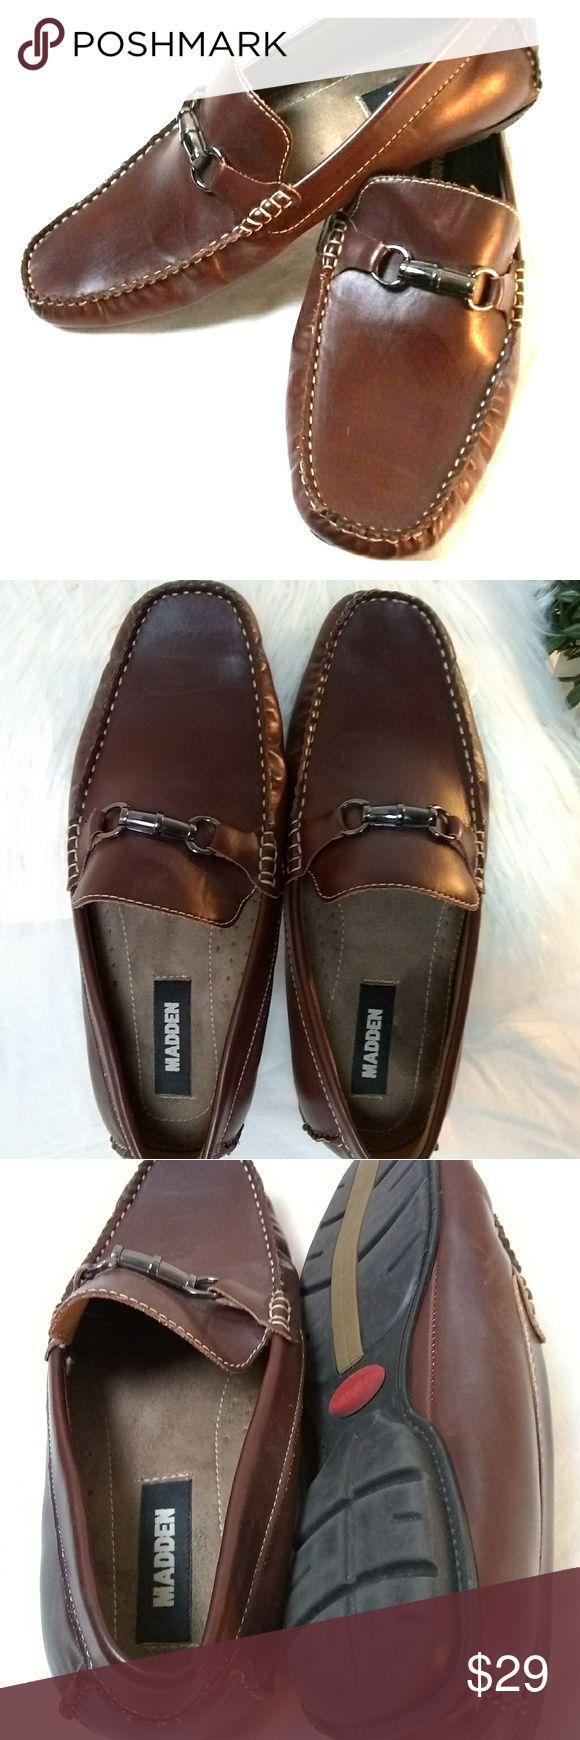 Steve Madden loafer 10.5 M brown Men's Steve Madden loafer 10.5 M brown Steve Madden Shoes Flats & Loafers